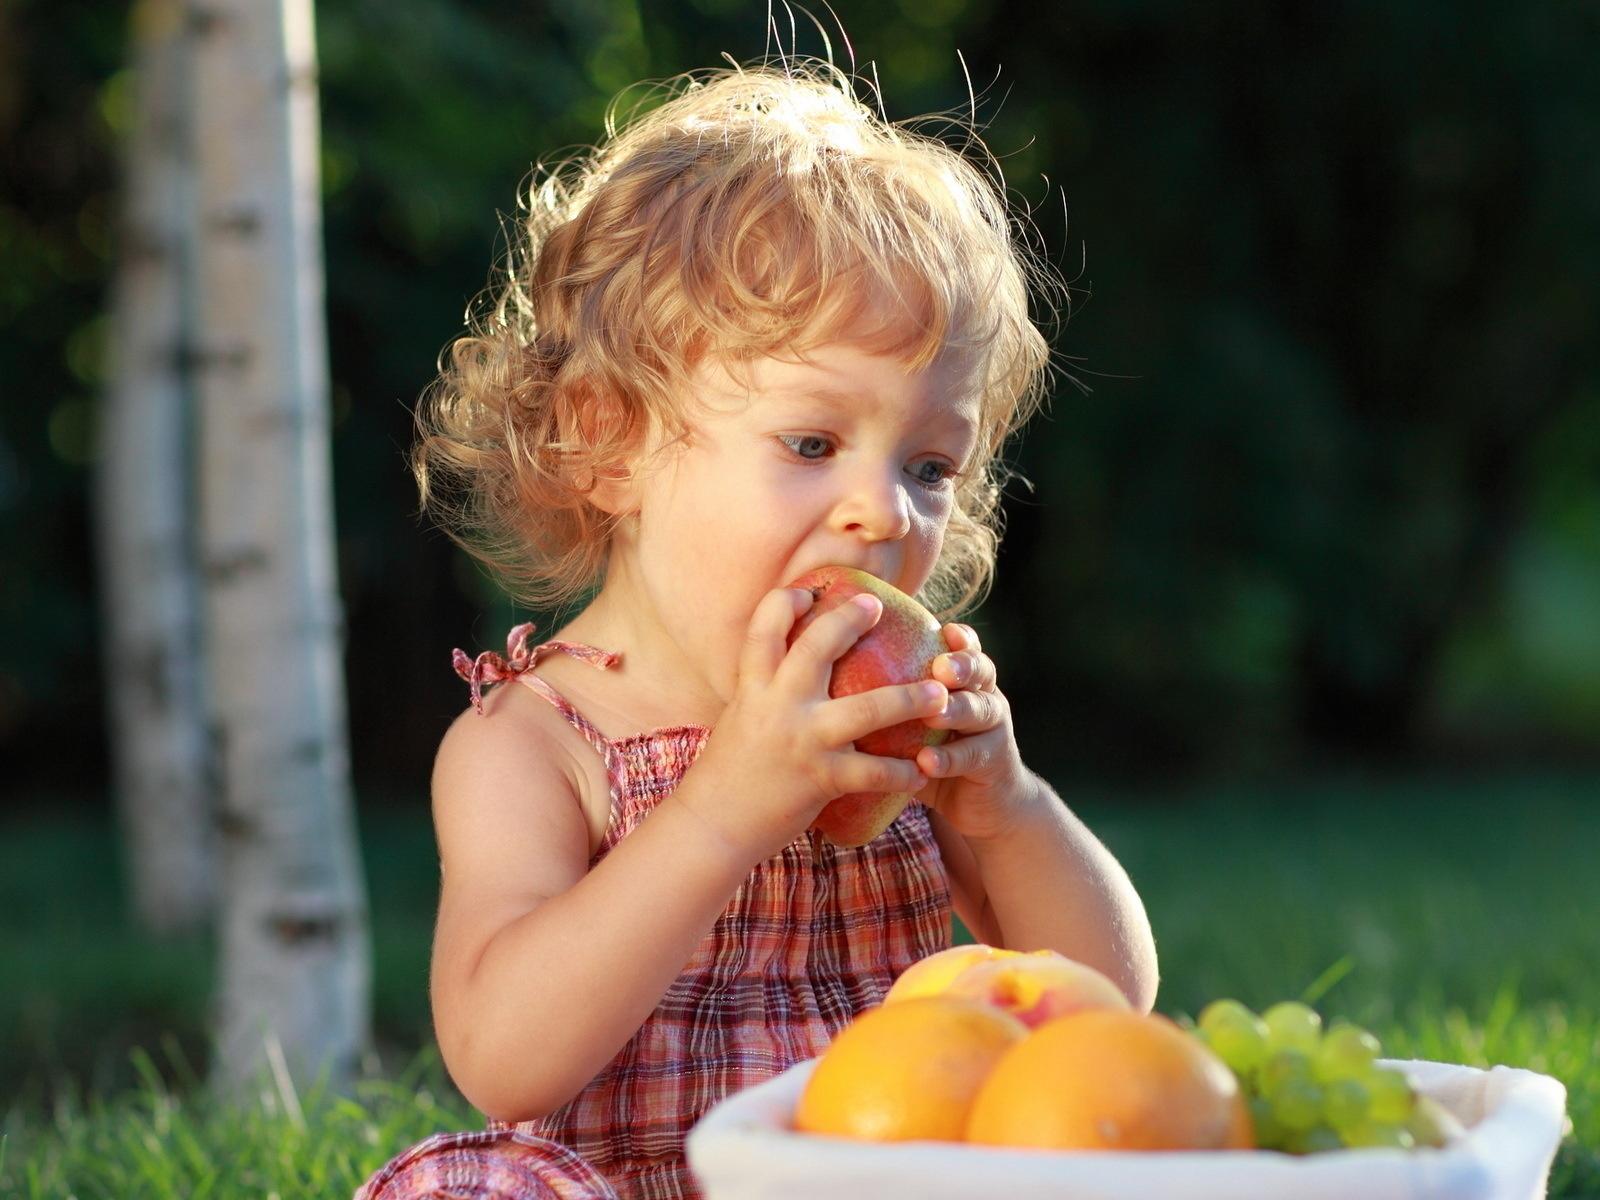 بالصور صور اطفال كيوت , جمال الطفولة فى كل بلدان العالم 2589